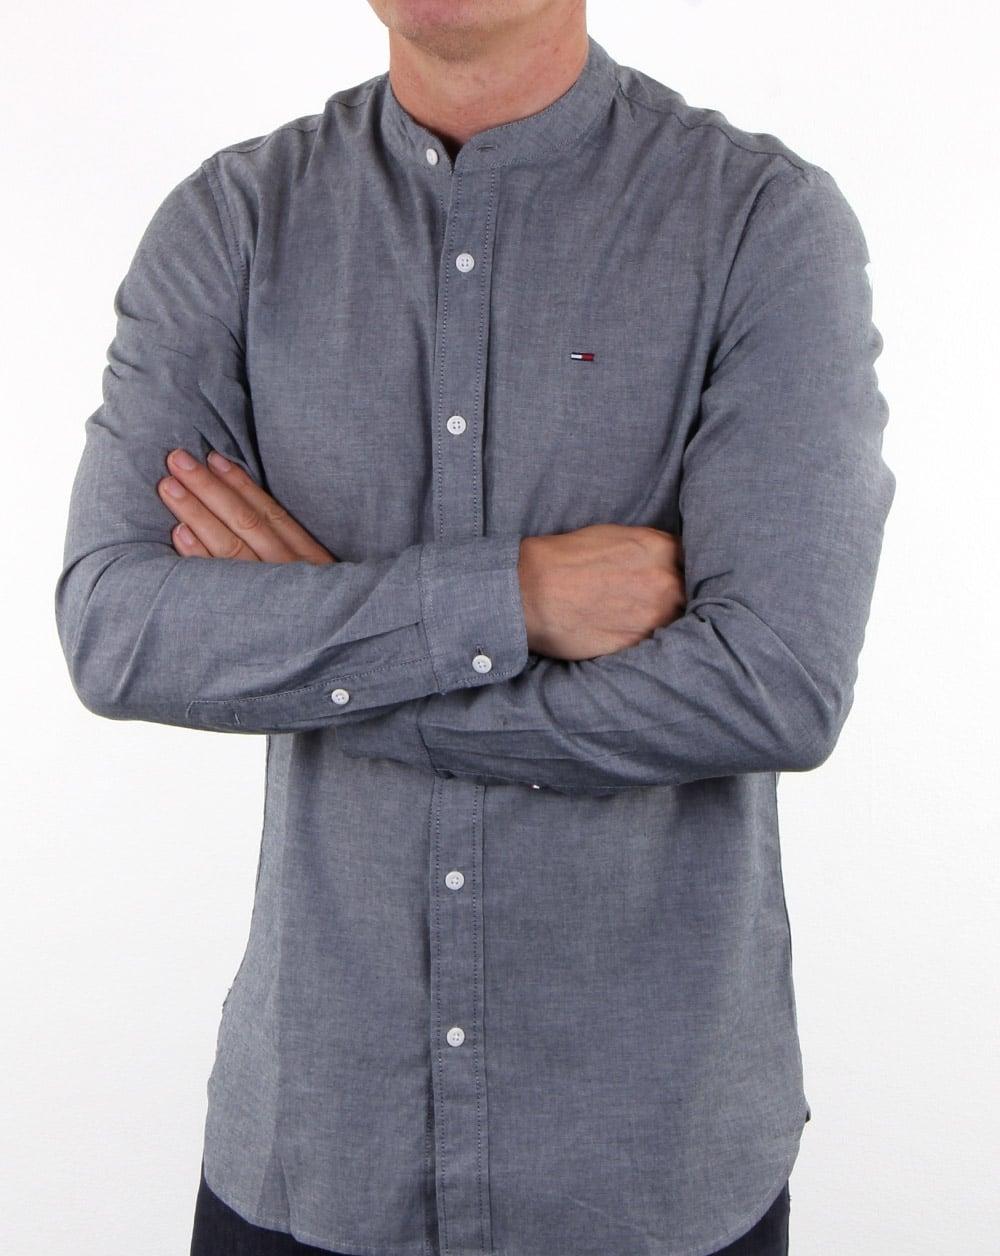 3bc3df6ee2 Tommy Hilfiger Grandad Collar Shirt Dark Indigo, Mens, Smart, Cotton